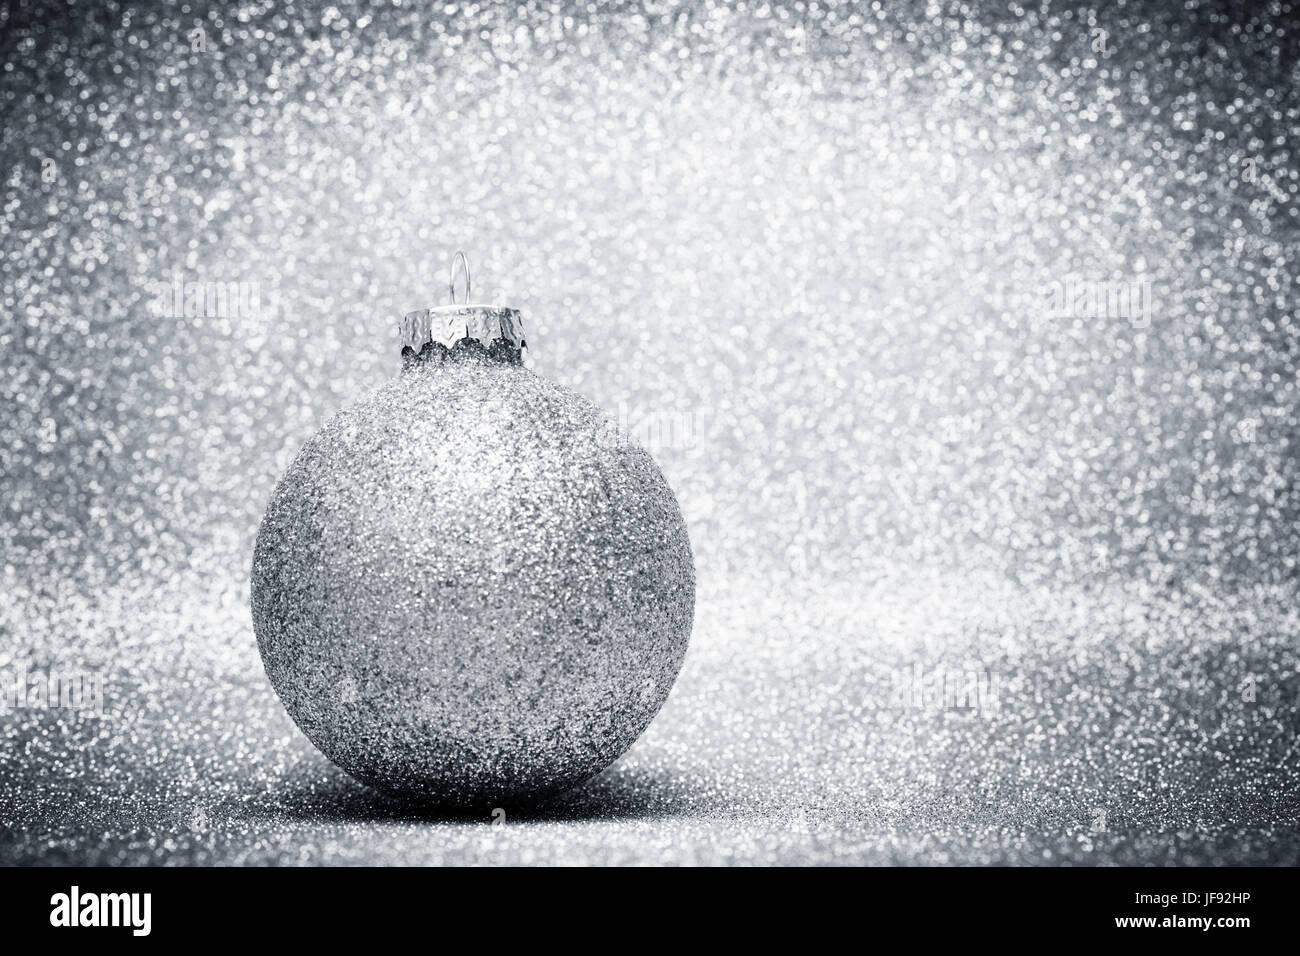 Glas Kugeln Weihnachtsdekoration Auf Silber Glitter Hintergrund